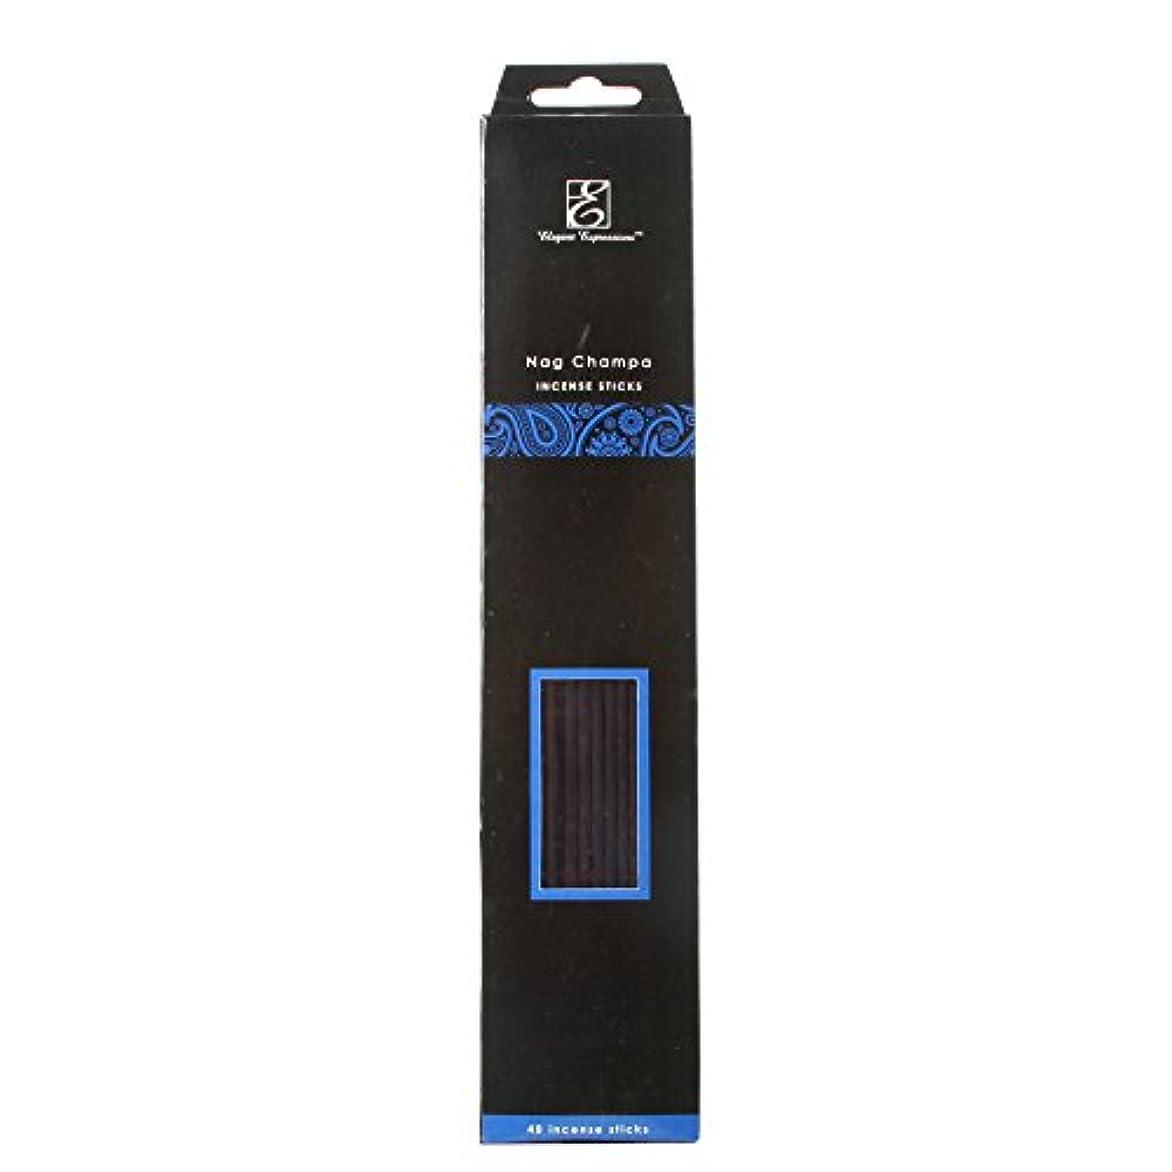 商品検証マイクロHosley Highly Fragranced Nag Champa Incense Sticks 240パック、Infused with Essential Oils。理想的なギフト、ウェディング、イベント、アロマセラピー...